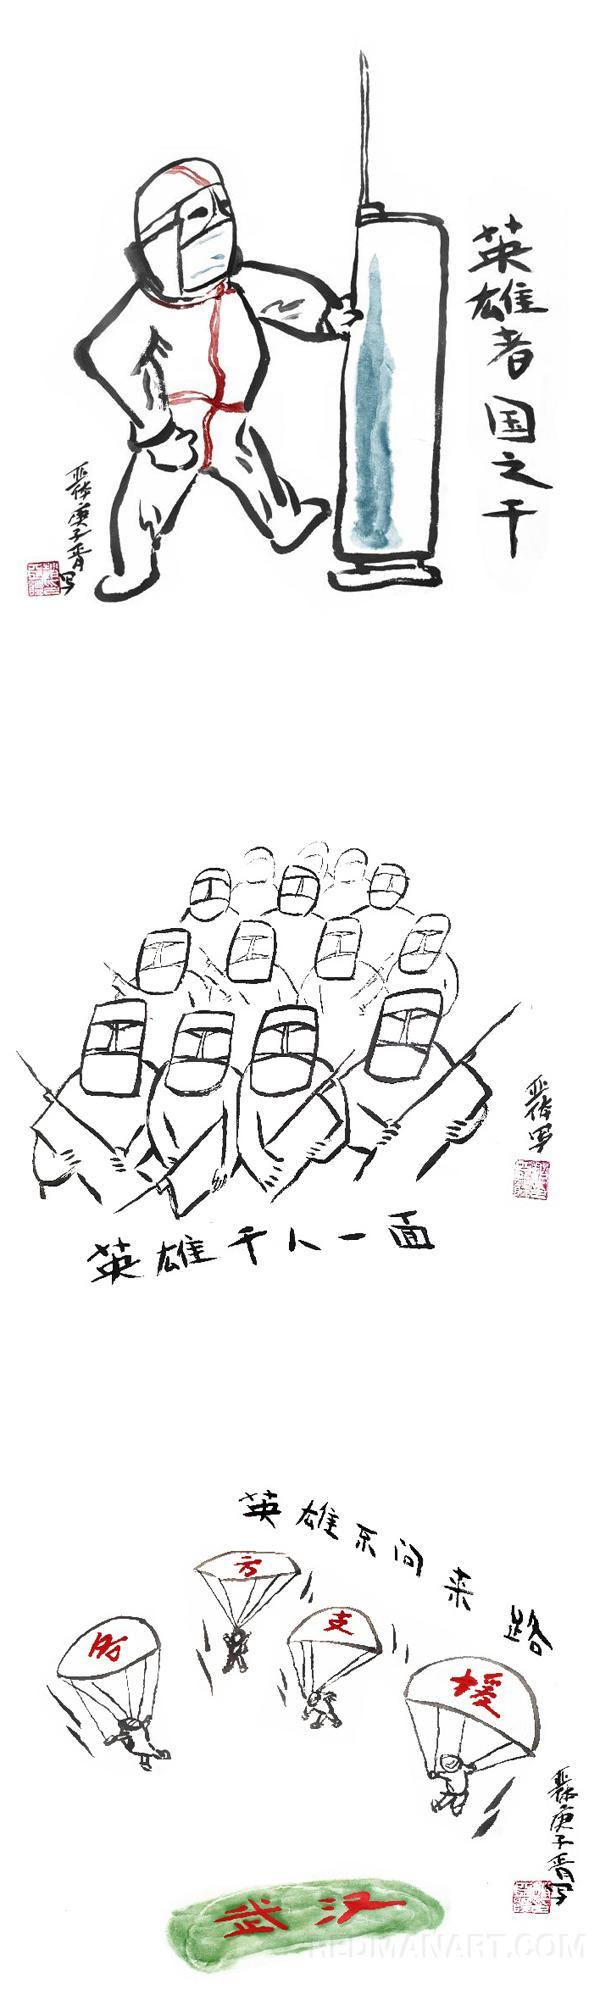 8山西--赵亚体--《英雄赋》.jpg